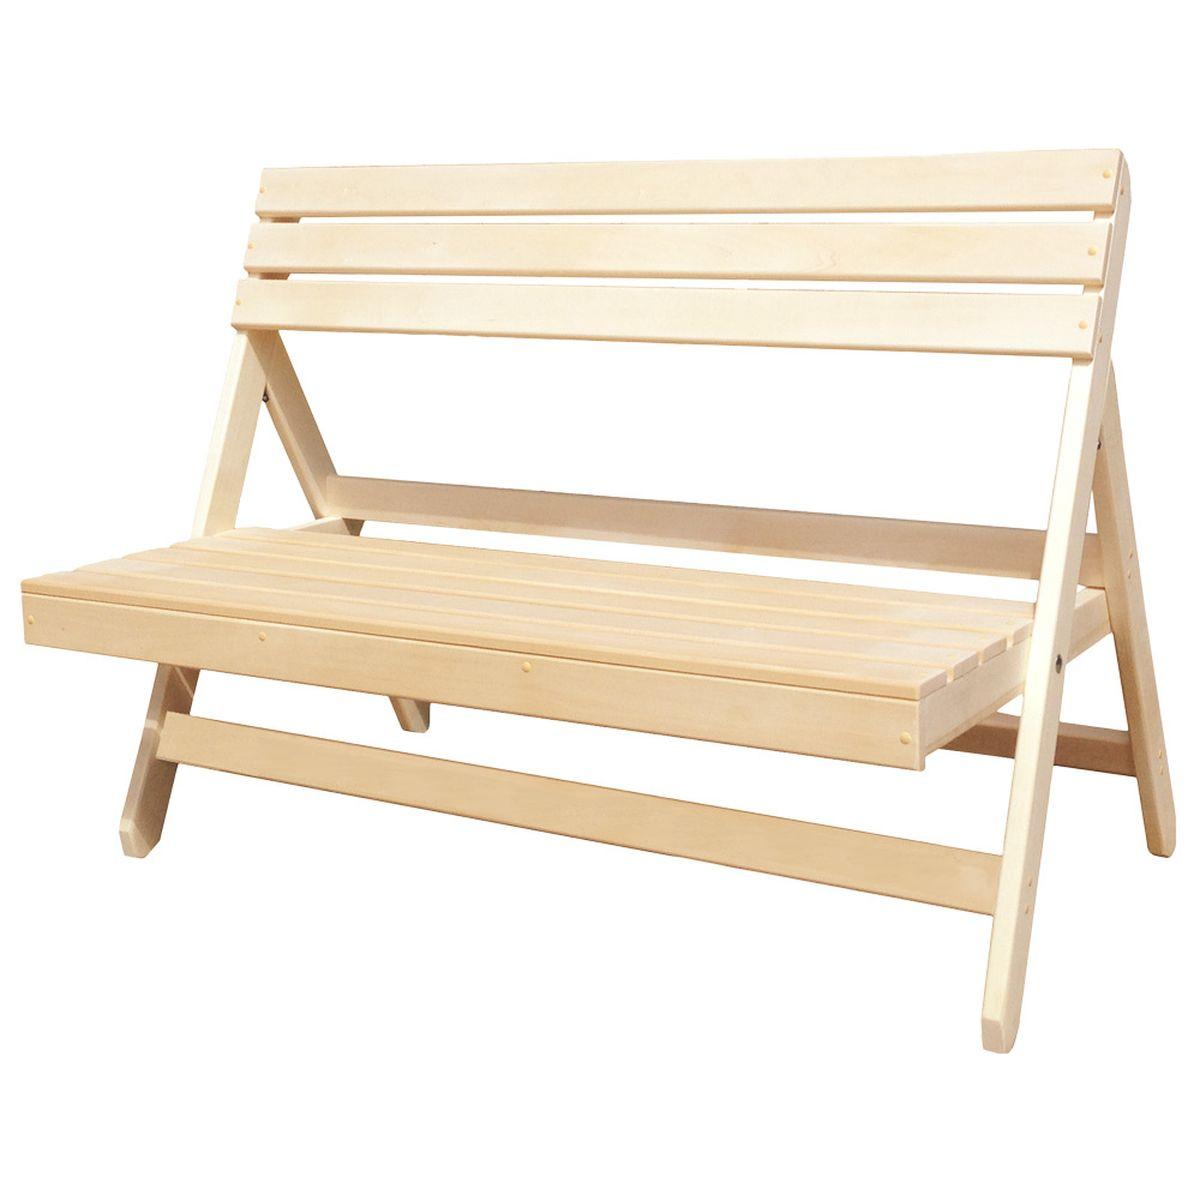 Скамья складная Банные штучки, без подлокотников, 100 смх 100 см х 41 см32458Складная скамья Банные штучки изготовлена из древесины. Скамья достаточно прочная, легкособирается и разбирается и не занимает много места, поэтому подходит для транспортировки ихранения дома. Складная скамья Банные штучки сделает банные процедуры более комфортными и приятными, а также украсит интерьер любой бани или сауны, дополнив его русским духом самобытности и частичкой традиционной русской культуры благодаря своей универсальной конструкции.